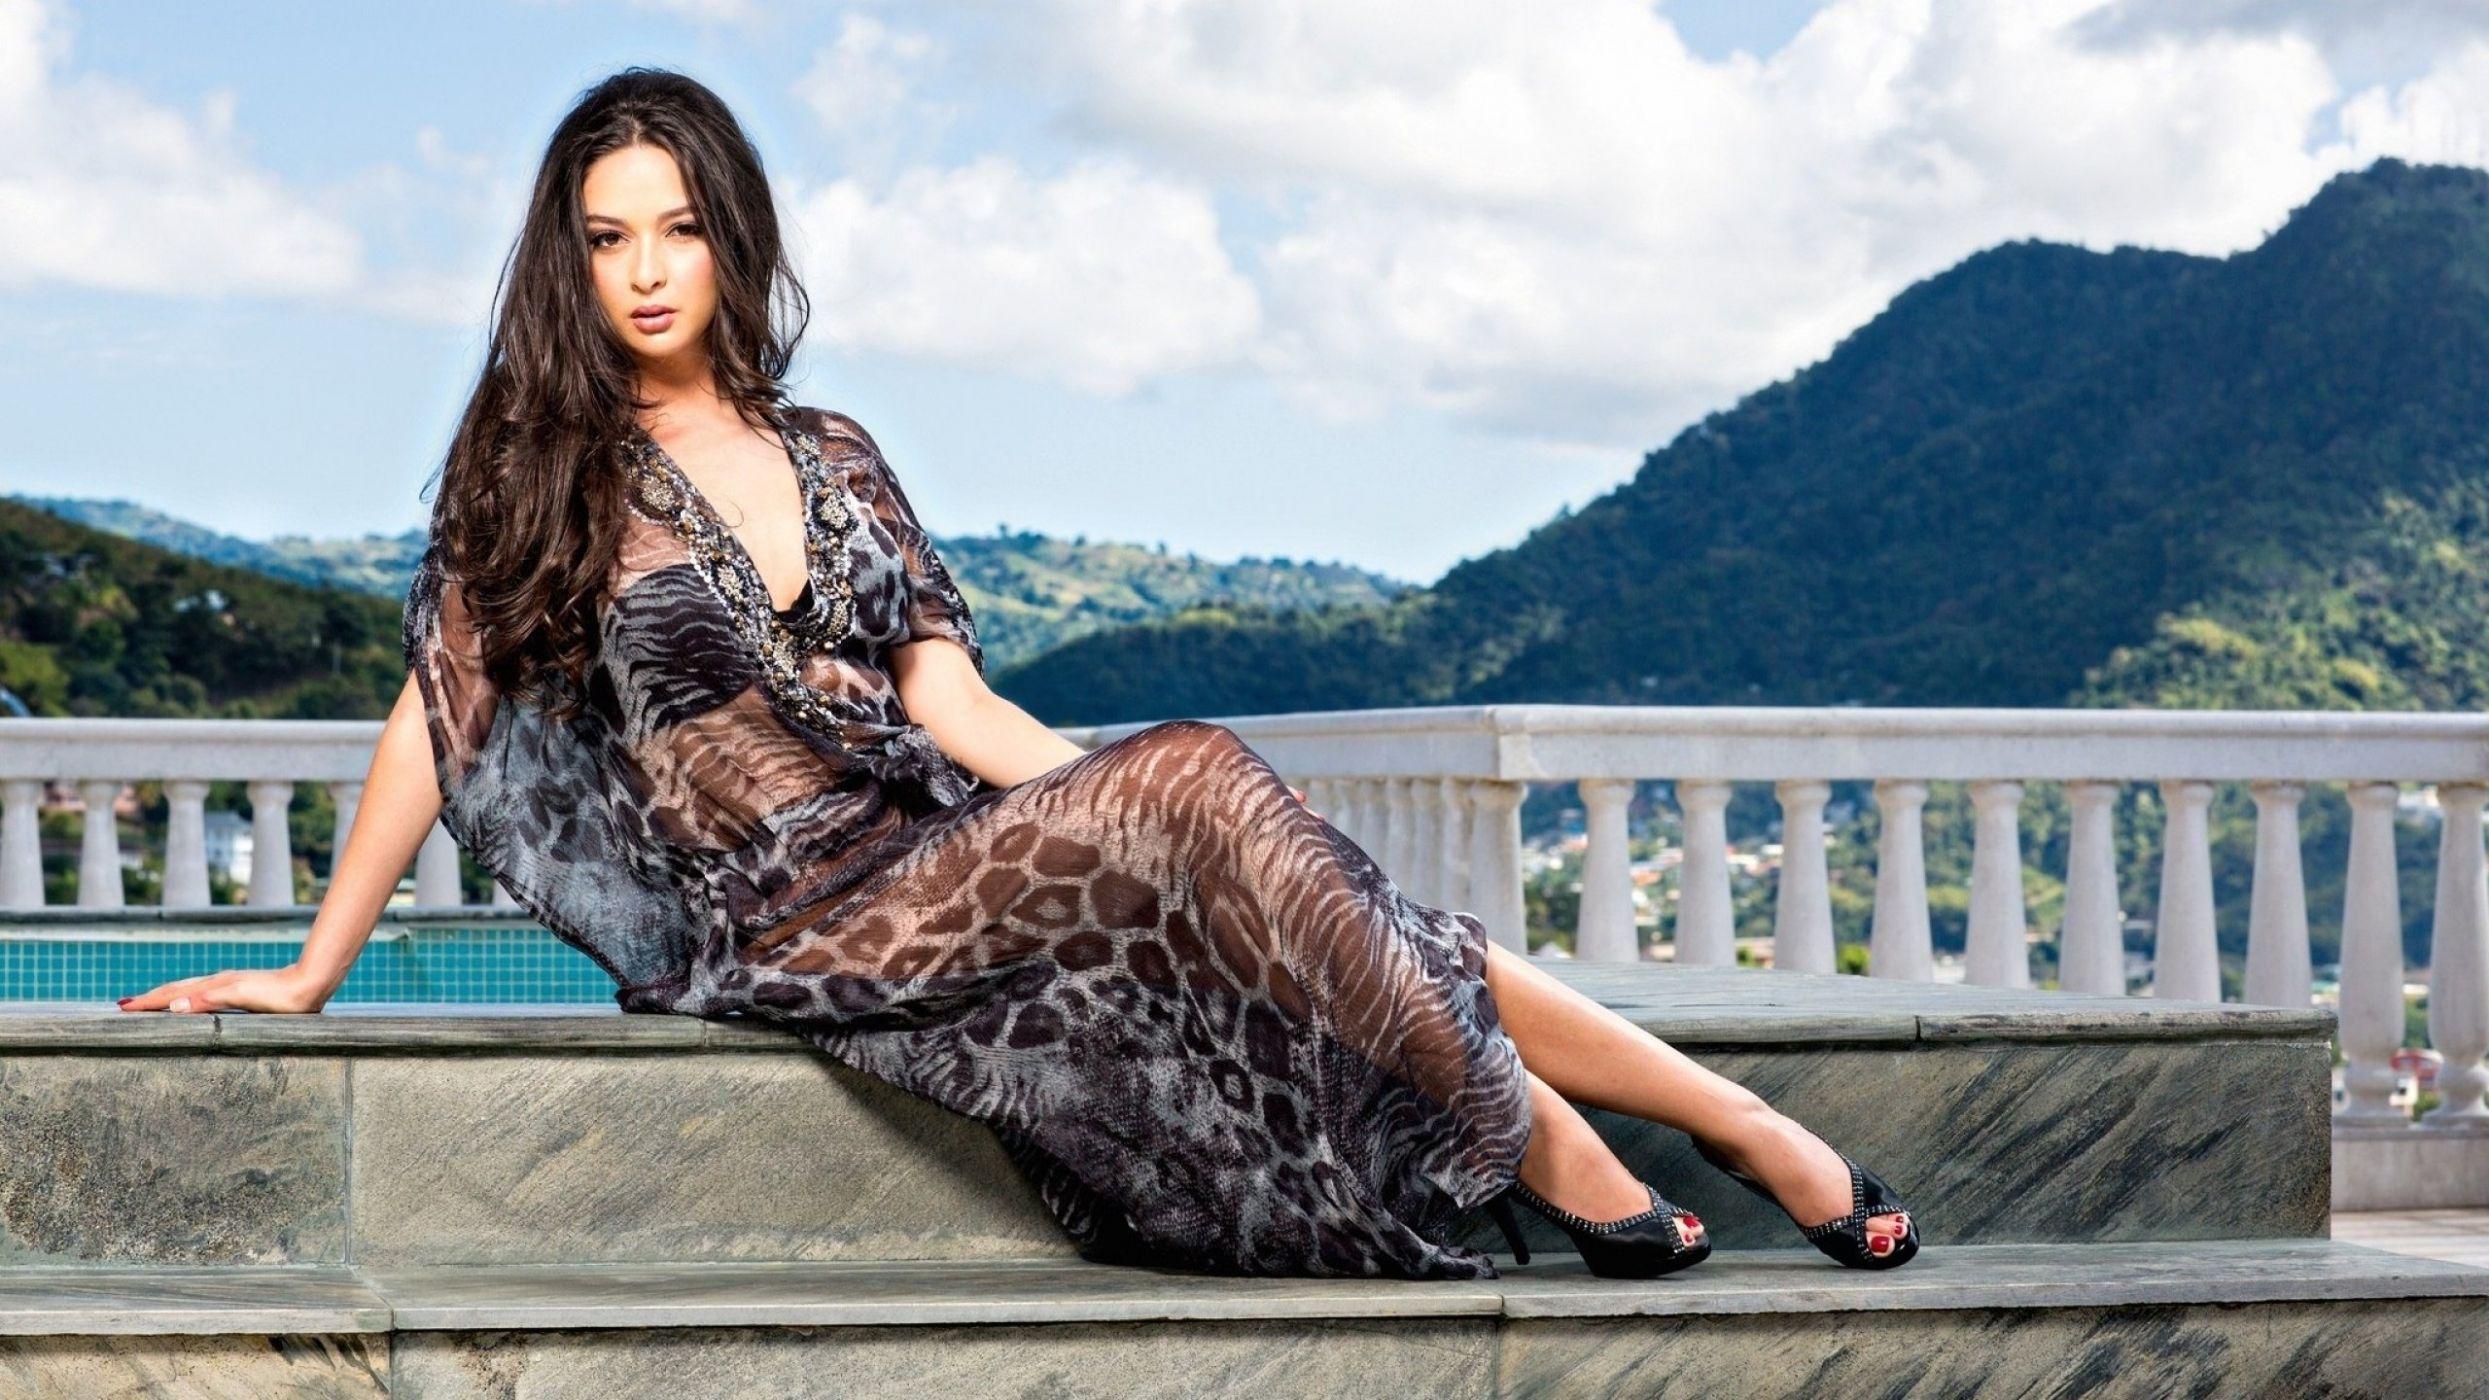 брюнетки прозрачных платьях фото высокого качества марина раскрыла